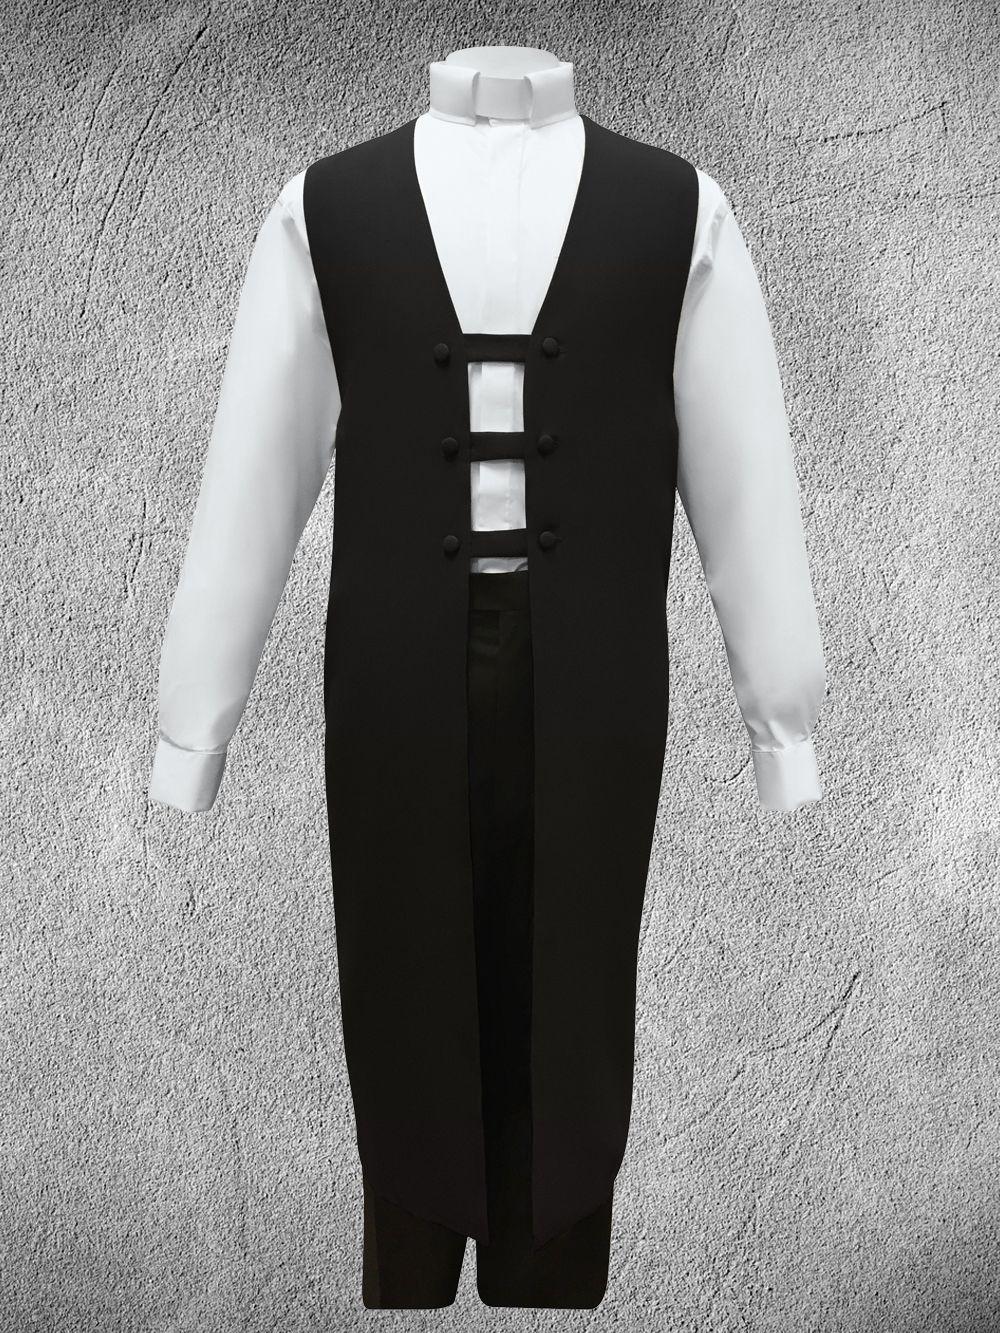 Ministerial Vesture Set Black/White